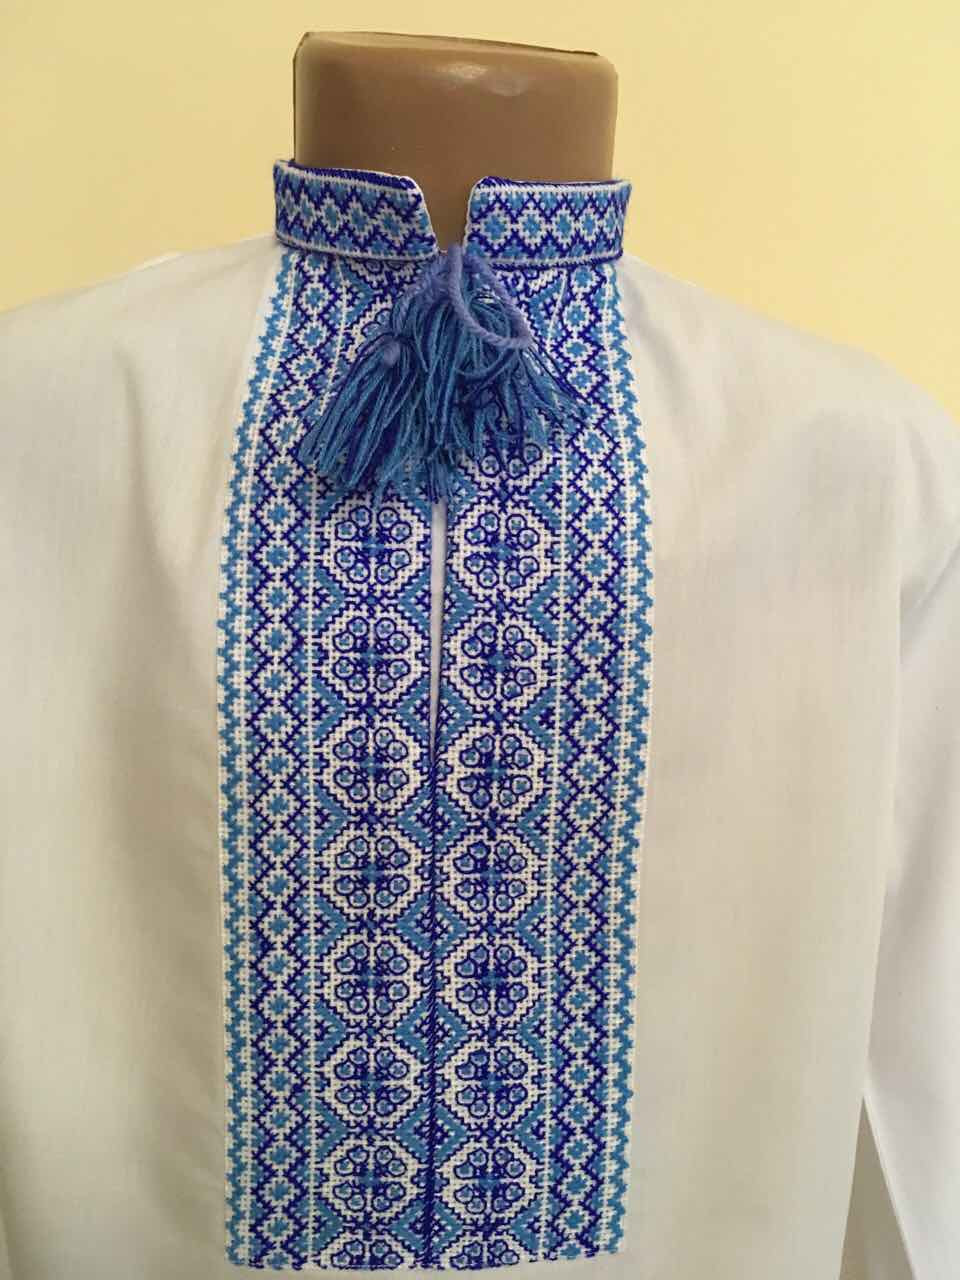 Вишиванка сорочка для хлопчика 5-6 років ручної роботи - Скарбниця Карпат-  інтернет магазин 90ca141a41f9b